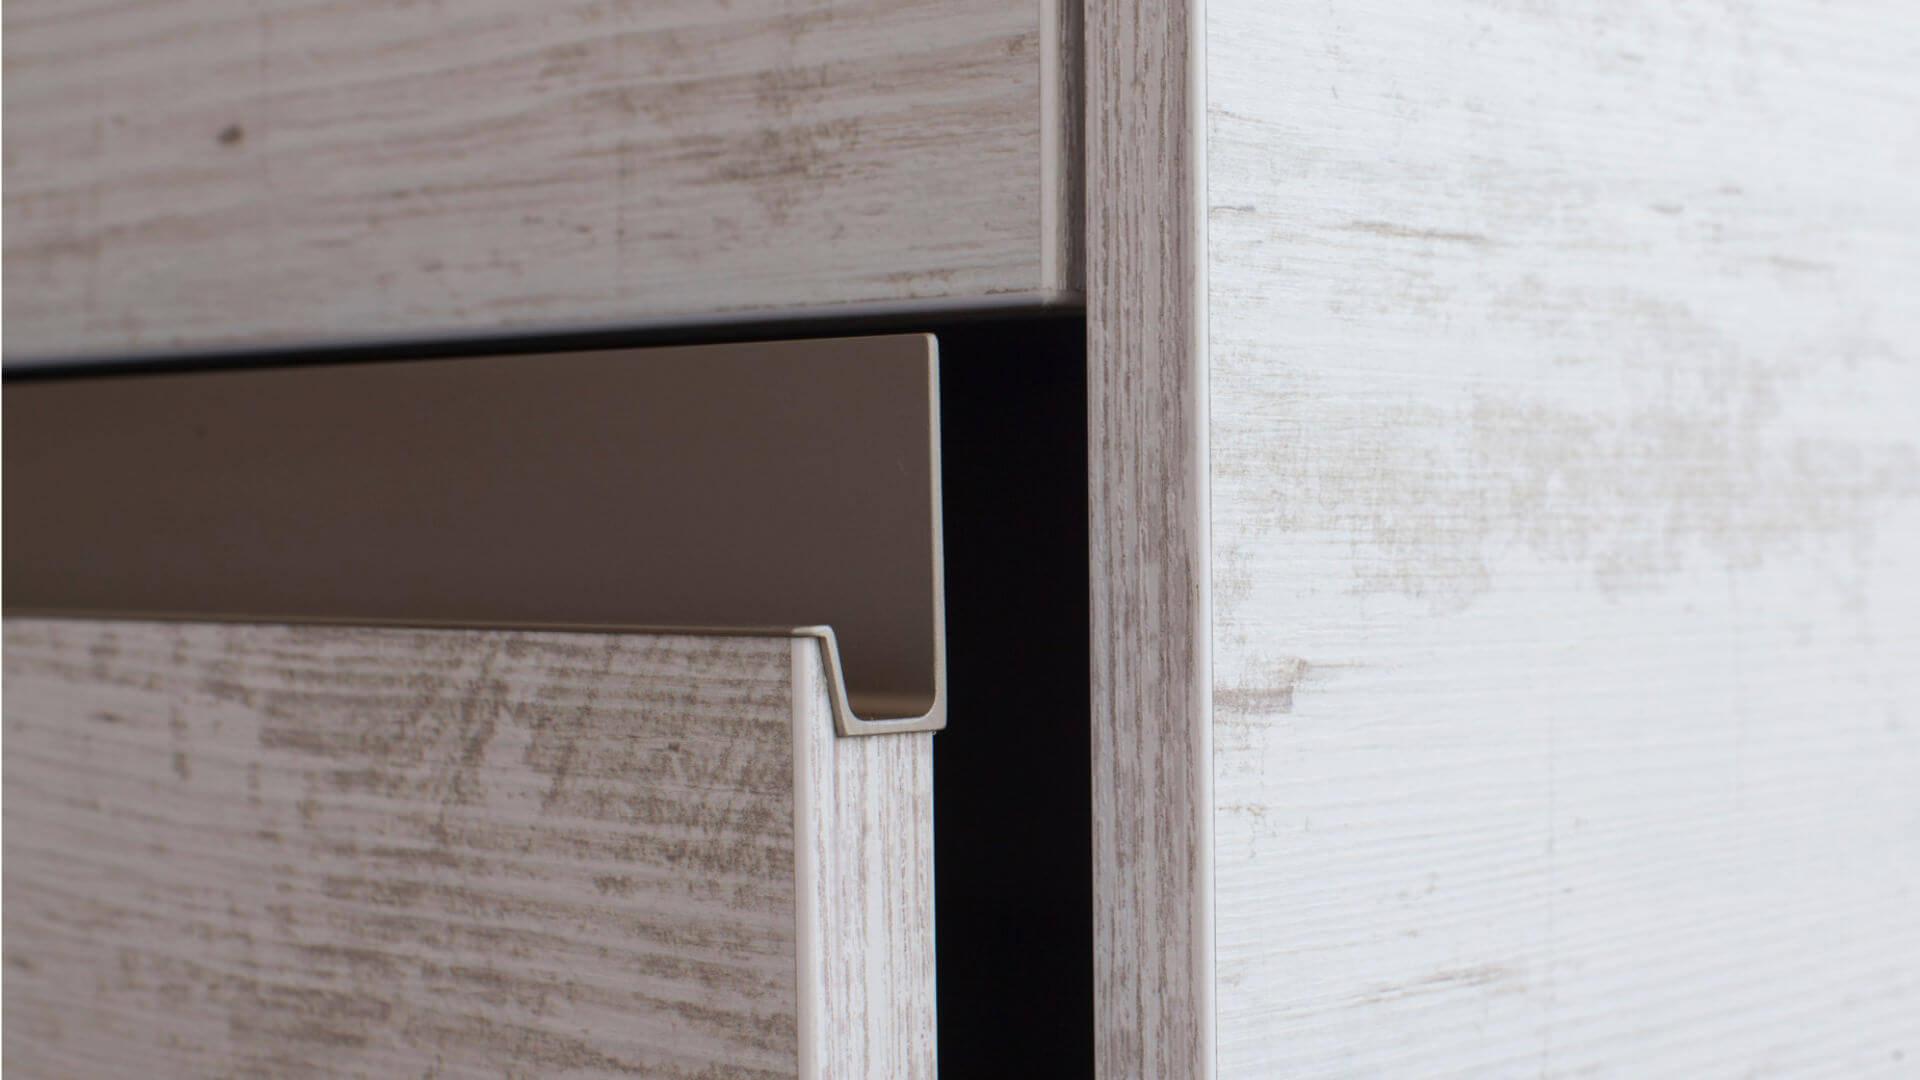 Full Size of Küchenschrank Griffe Ffnungssysteme Fr Ihre Kche Ratiomat Möbelgriffe Küche Wohnzimmer Küchenschrank Griffe